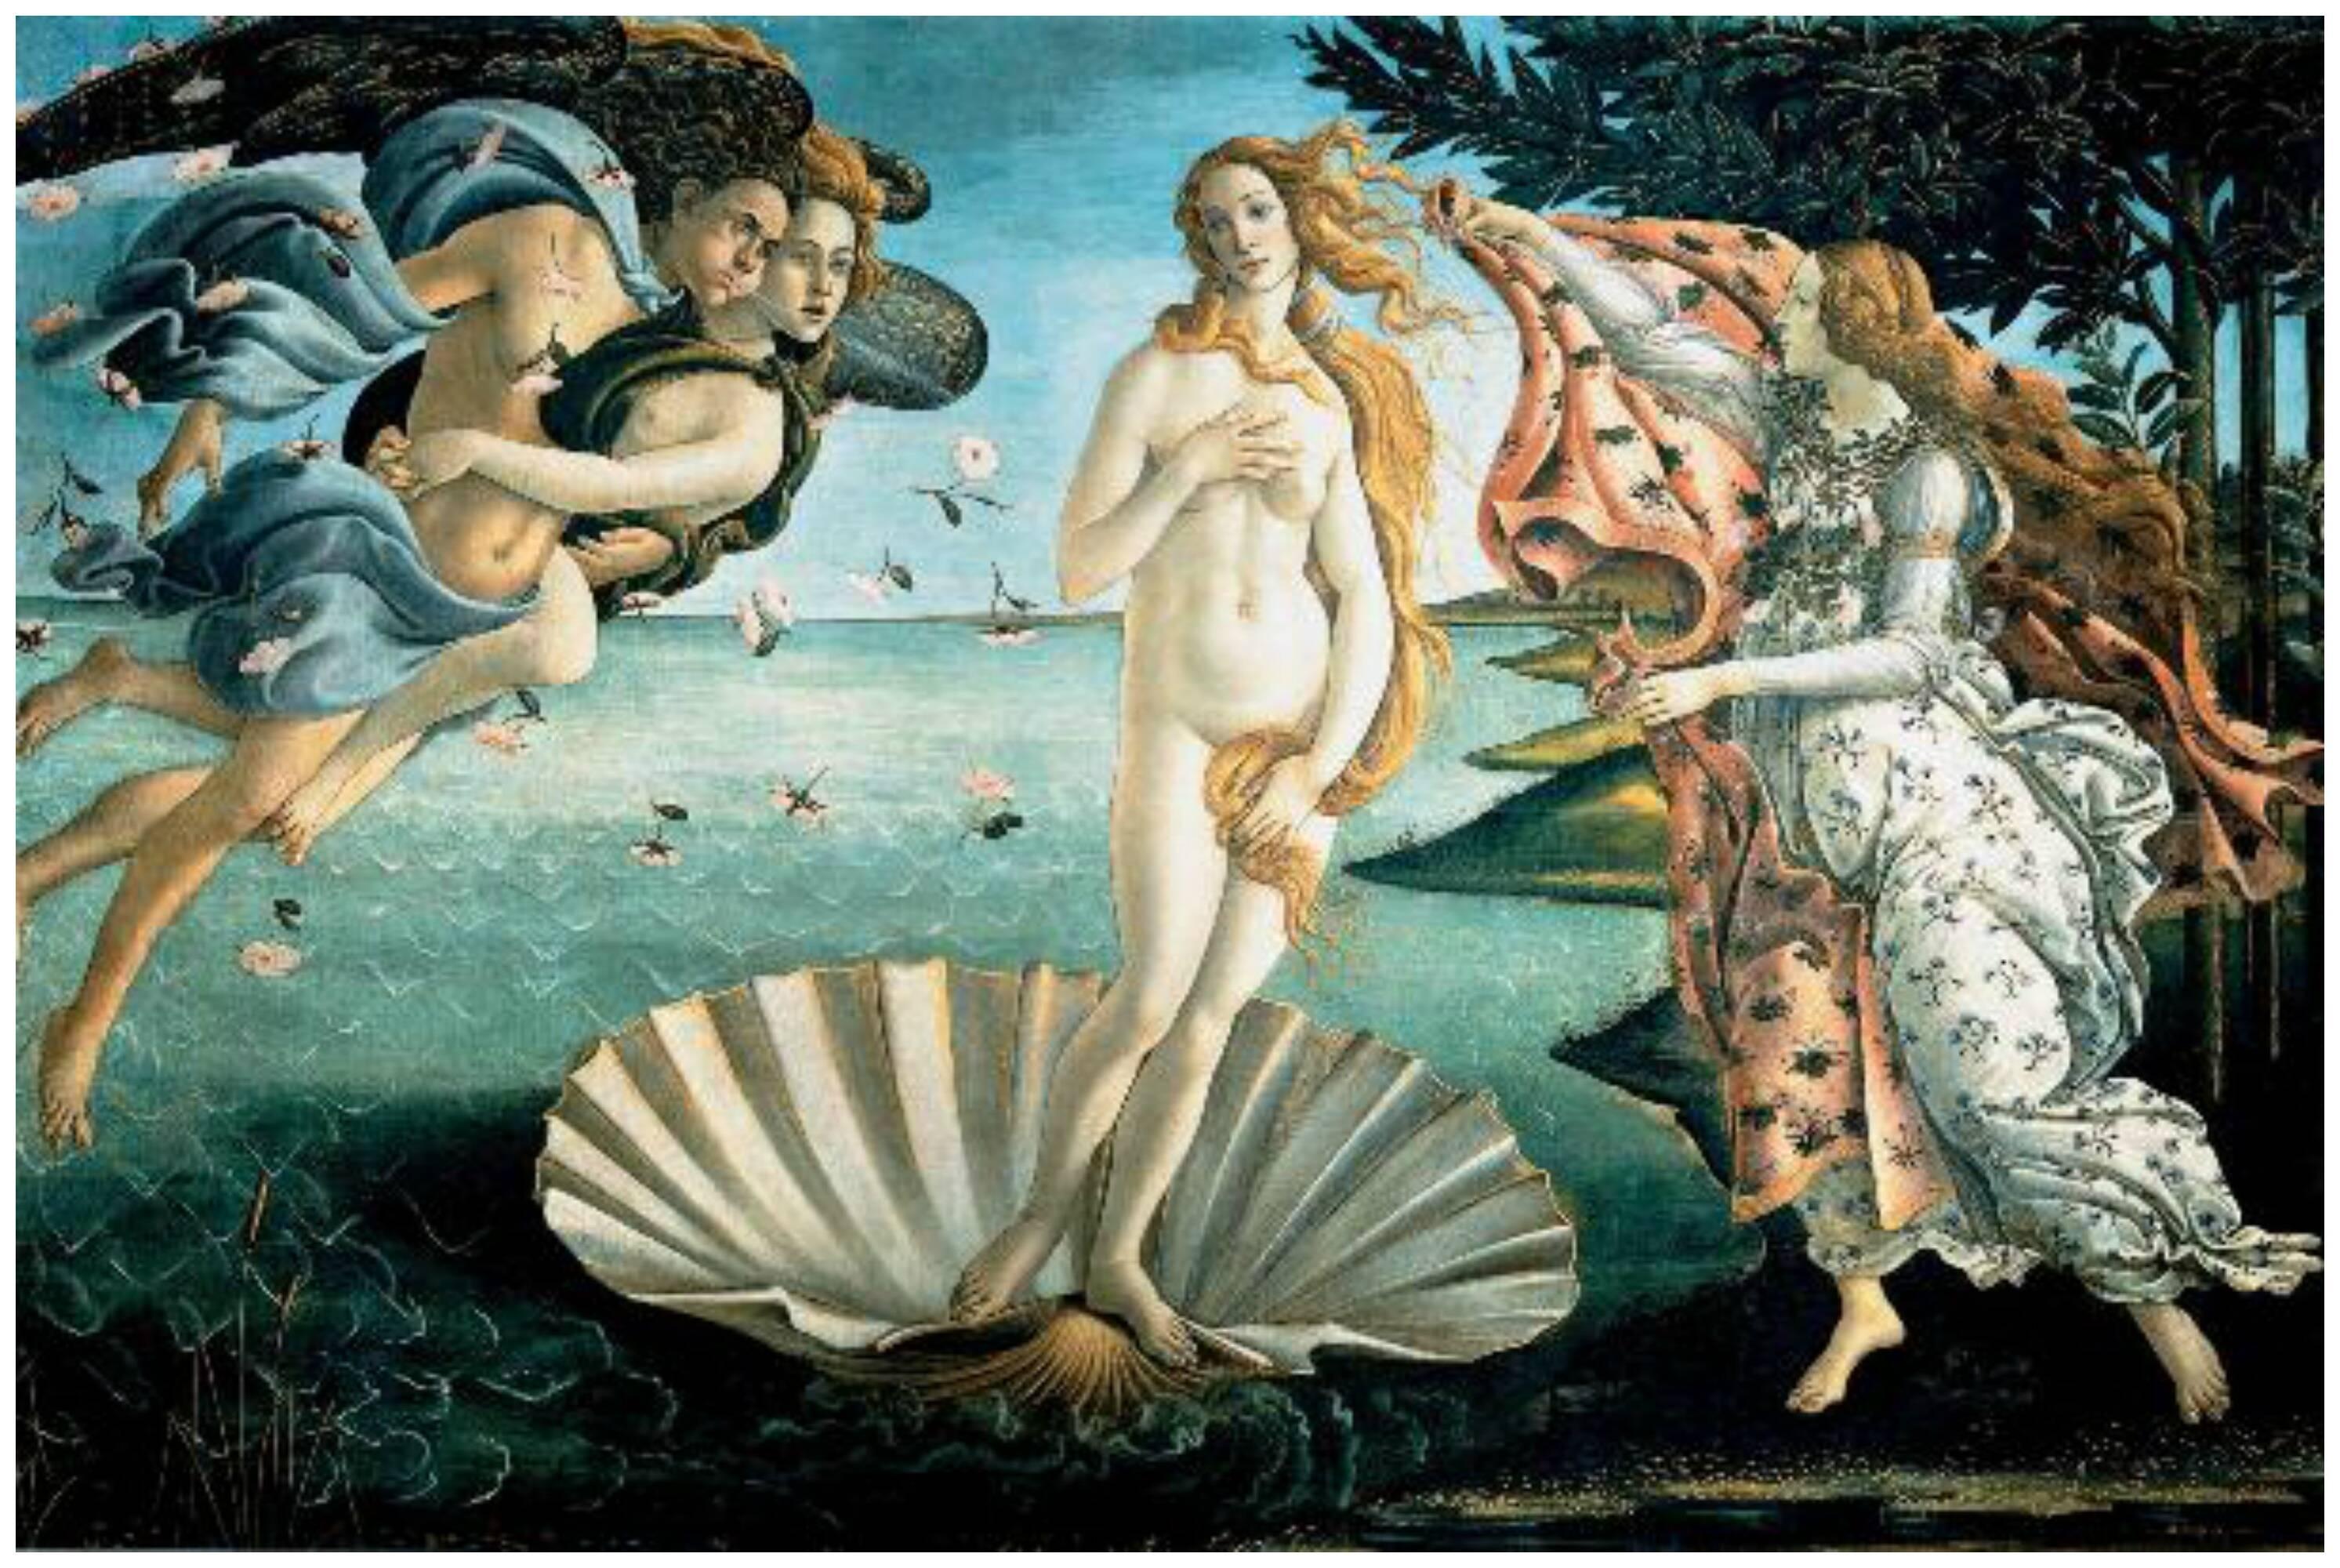 O professor Renato Noguera ( no alto) vai falar também sobre os ícones femininos da mitologia grega (acima, o quadro Nascimento de Vênus, de Botticelli) / Fotos: divulgação